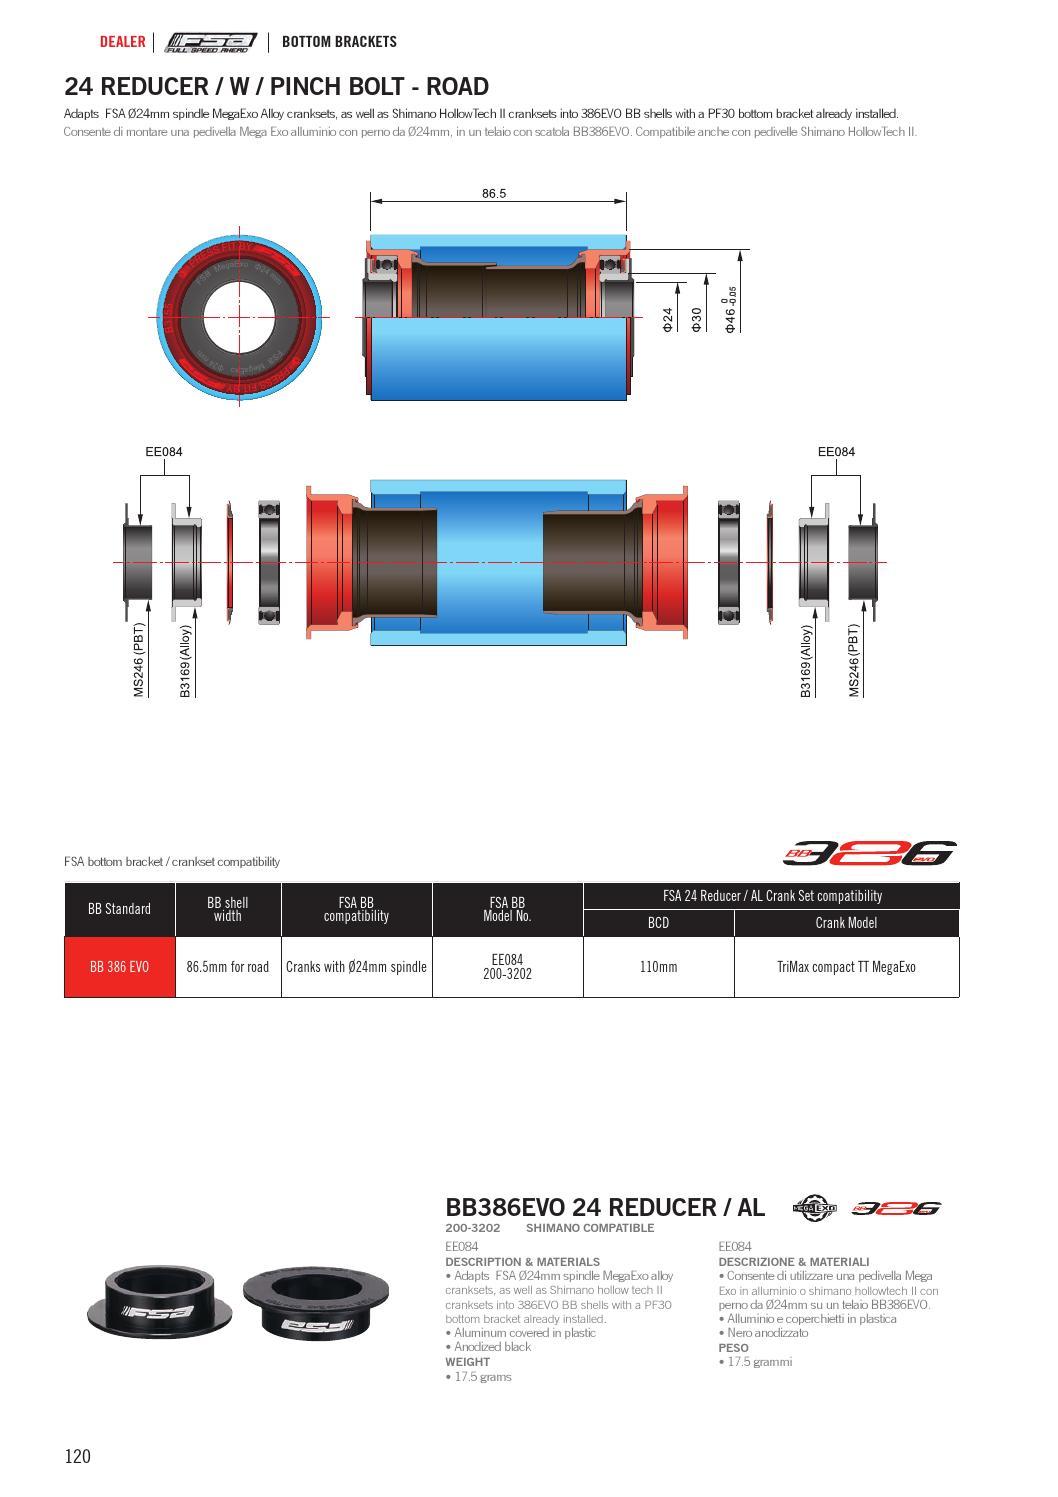 FSA BB386 Evo 24 Reducer for Shimano Cranks